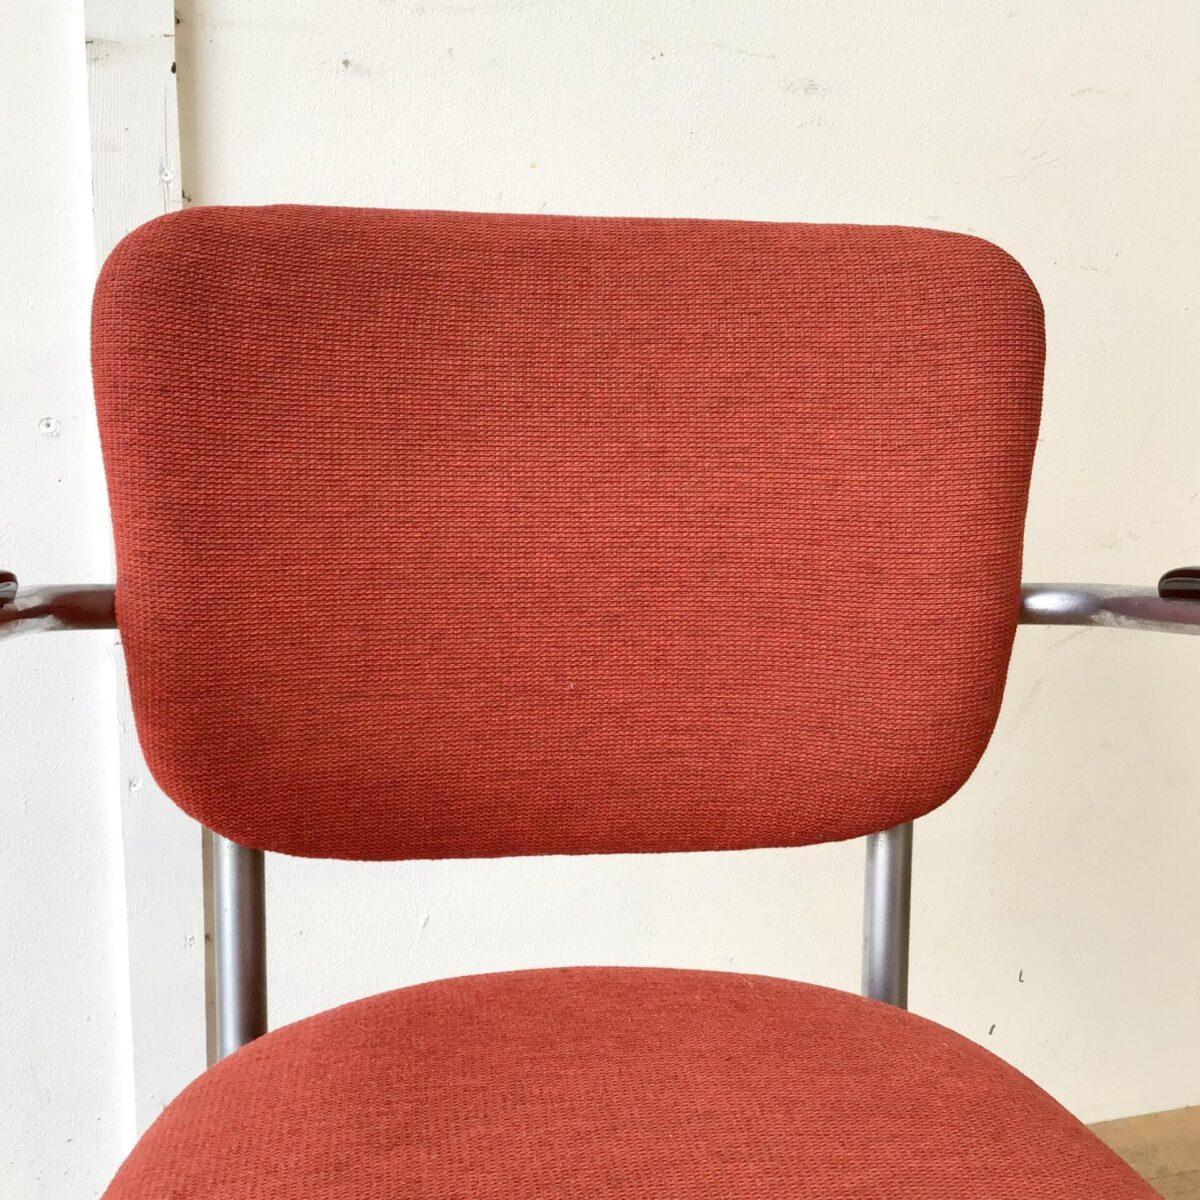 Zwei schöne Stühle von Jan Schröfer für Ahrend de Cirkel. Sitzhöhe ca. 47cm. Bequeme Armlehnstühle im Stile der Bauhaus Stahlrohrmöbel. Passend im Wohnzimmer, als Bürostuhl oder auch am Esstisch. In Gepflegtem gebrauchtem Vintage Zustand.